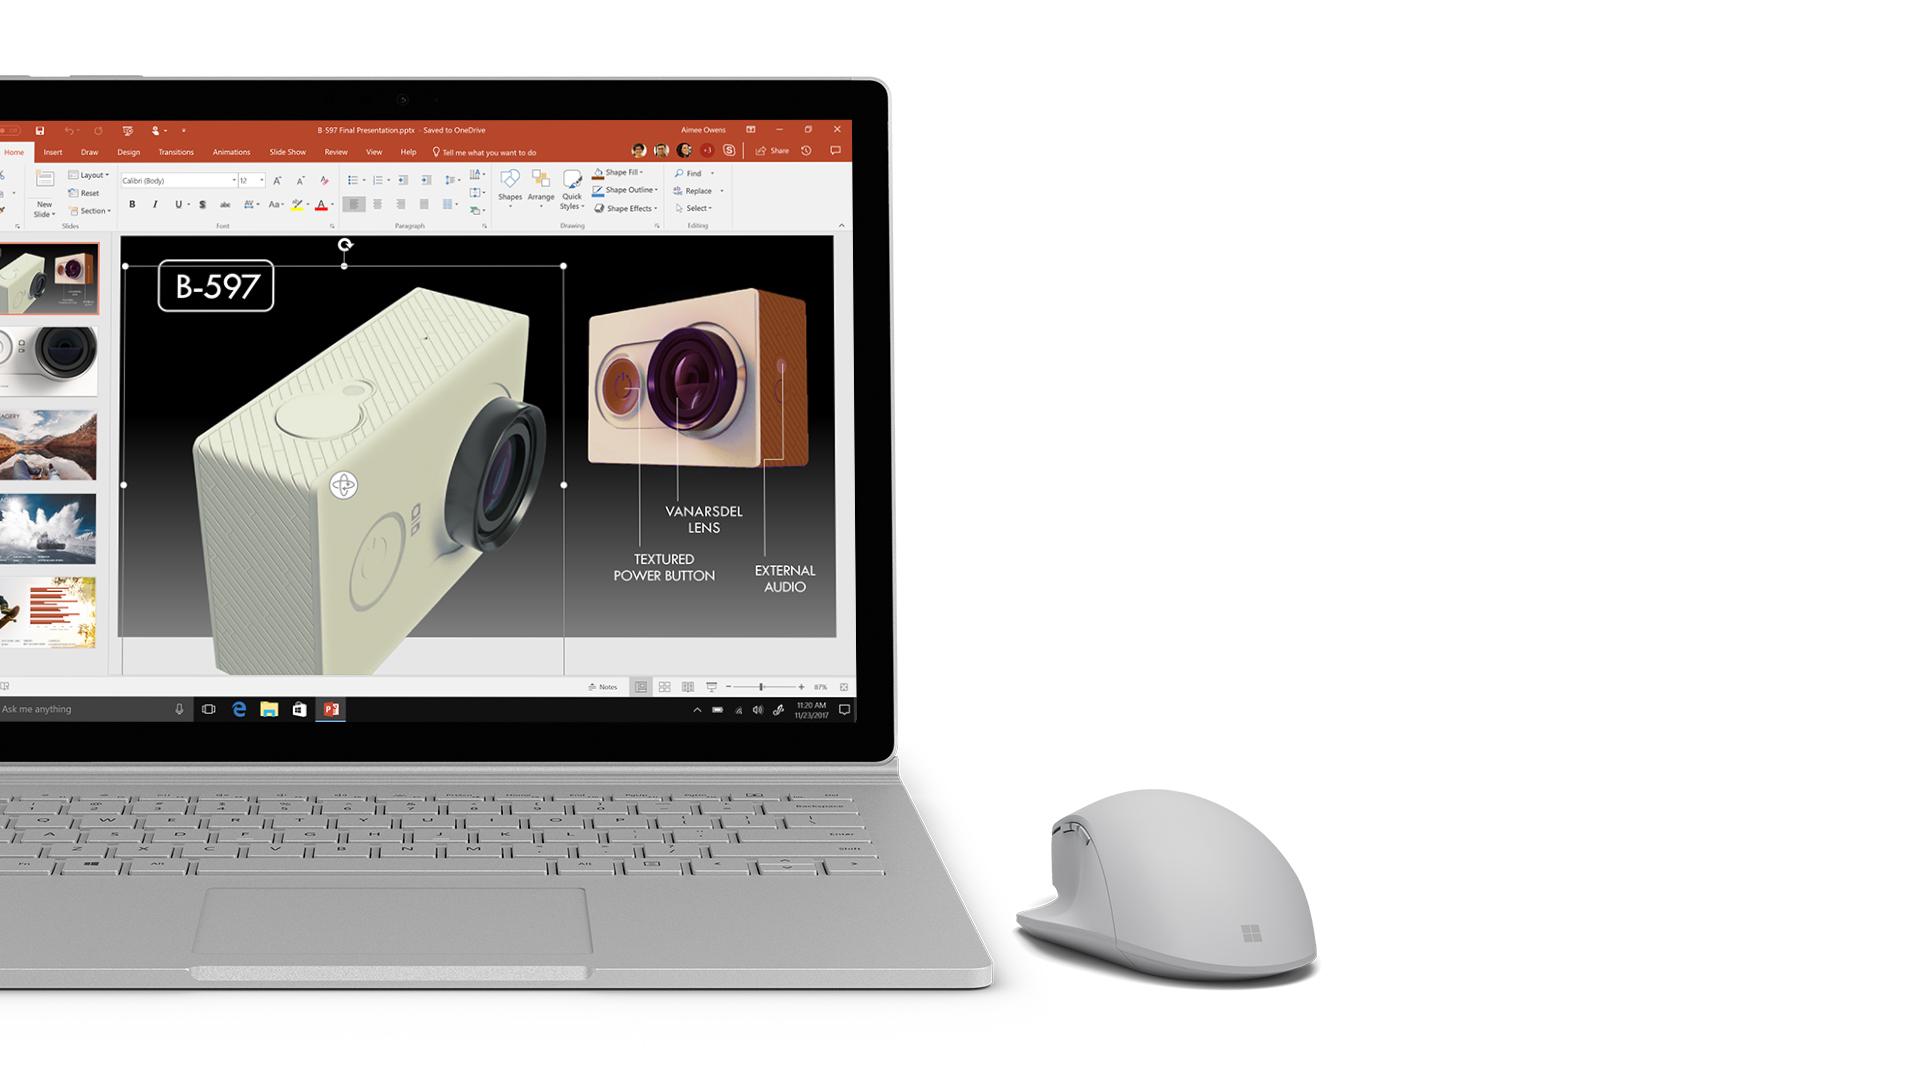 Zrzut ekranu programu PowerPoint na urządzeniu Surface.